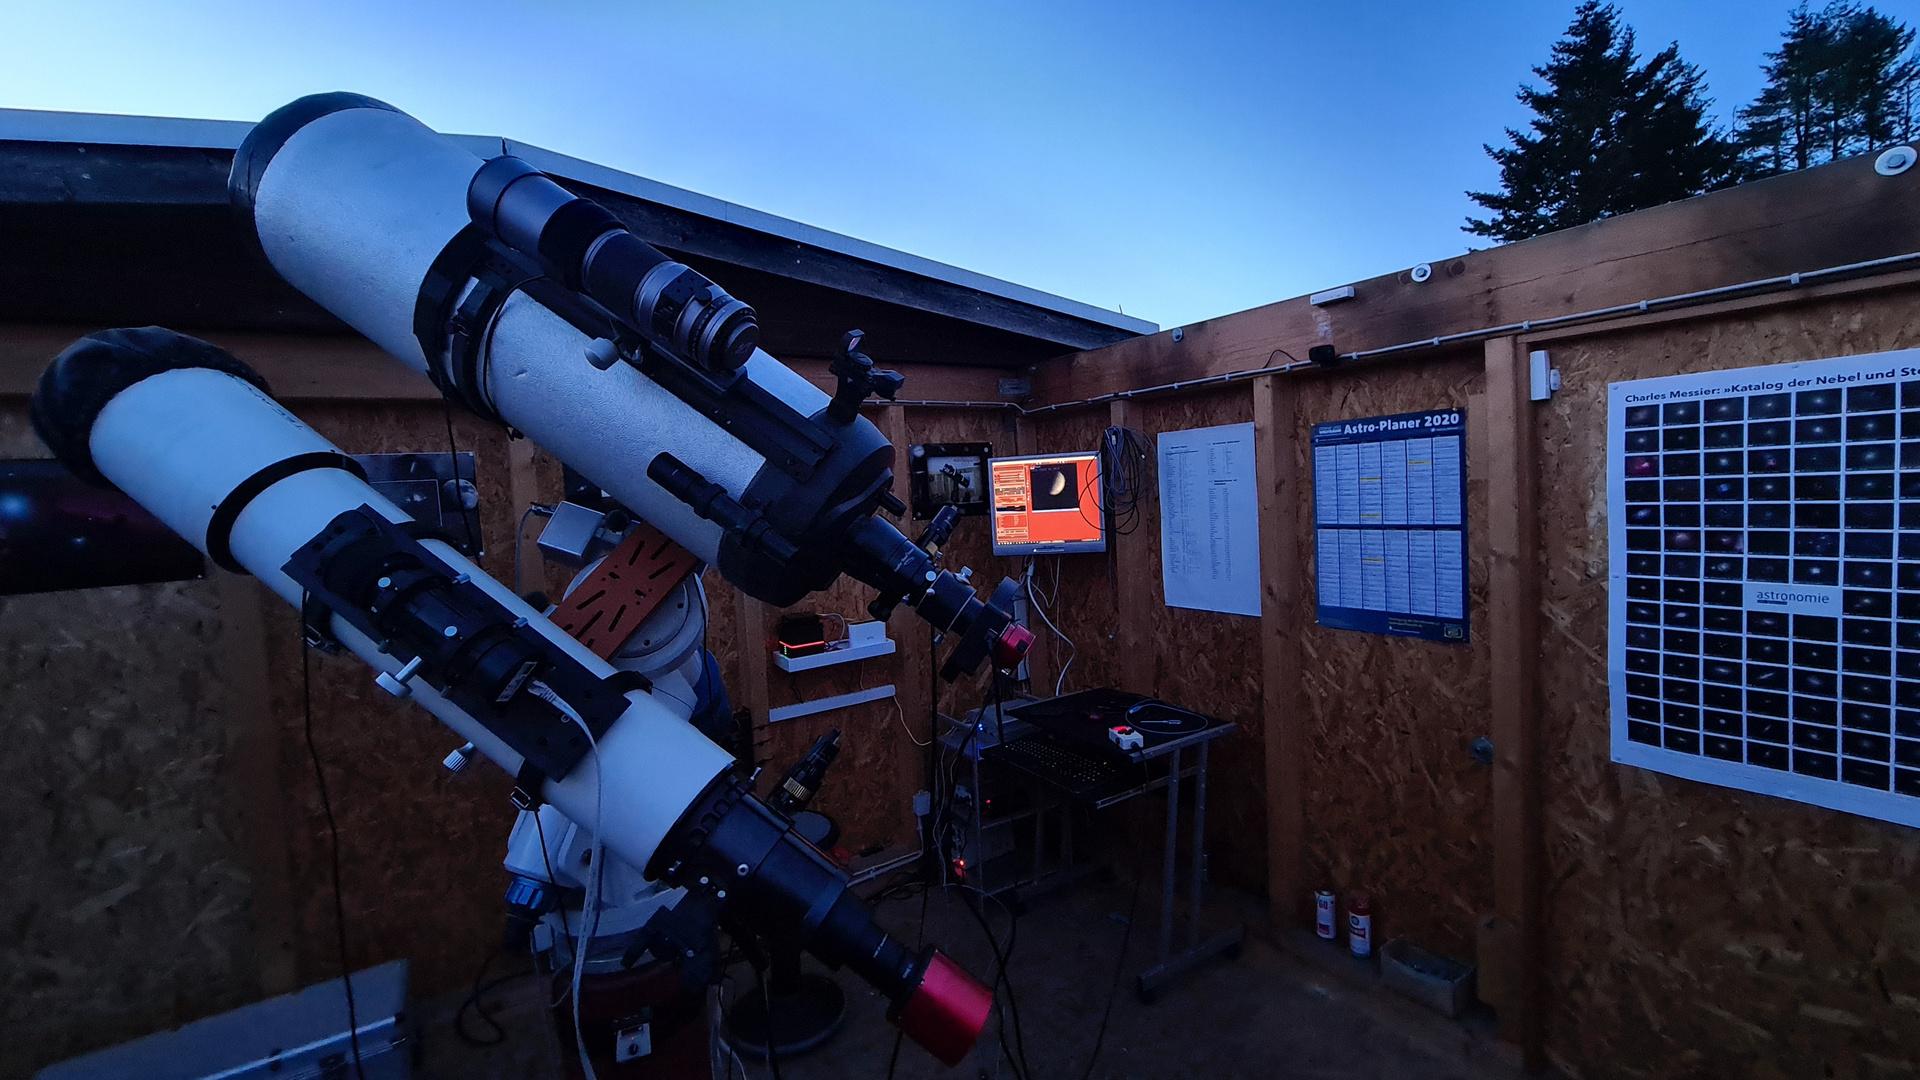 Setup während hochauflösender Venus-Aufnahme